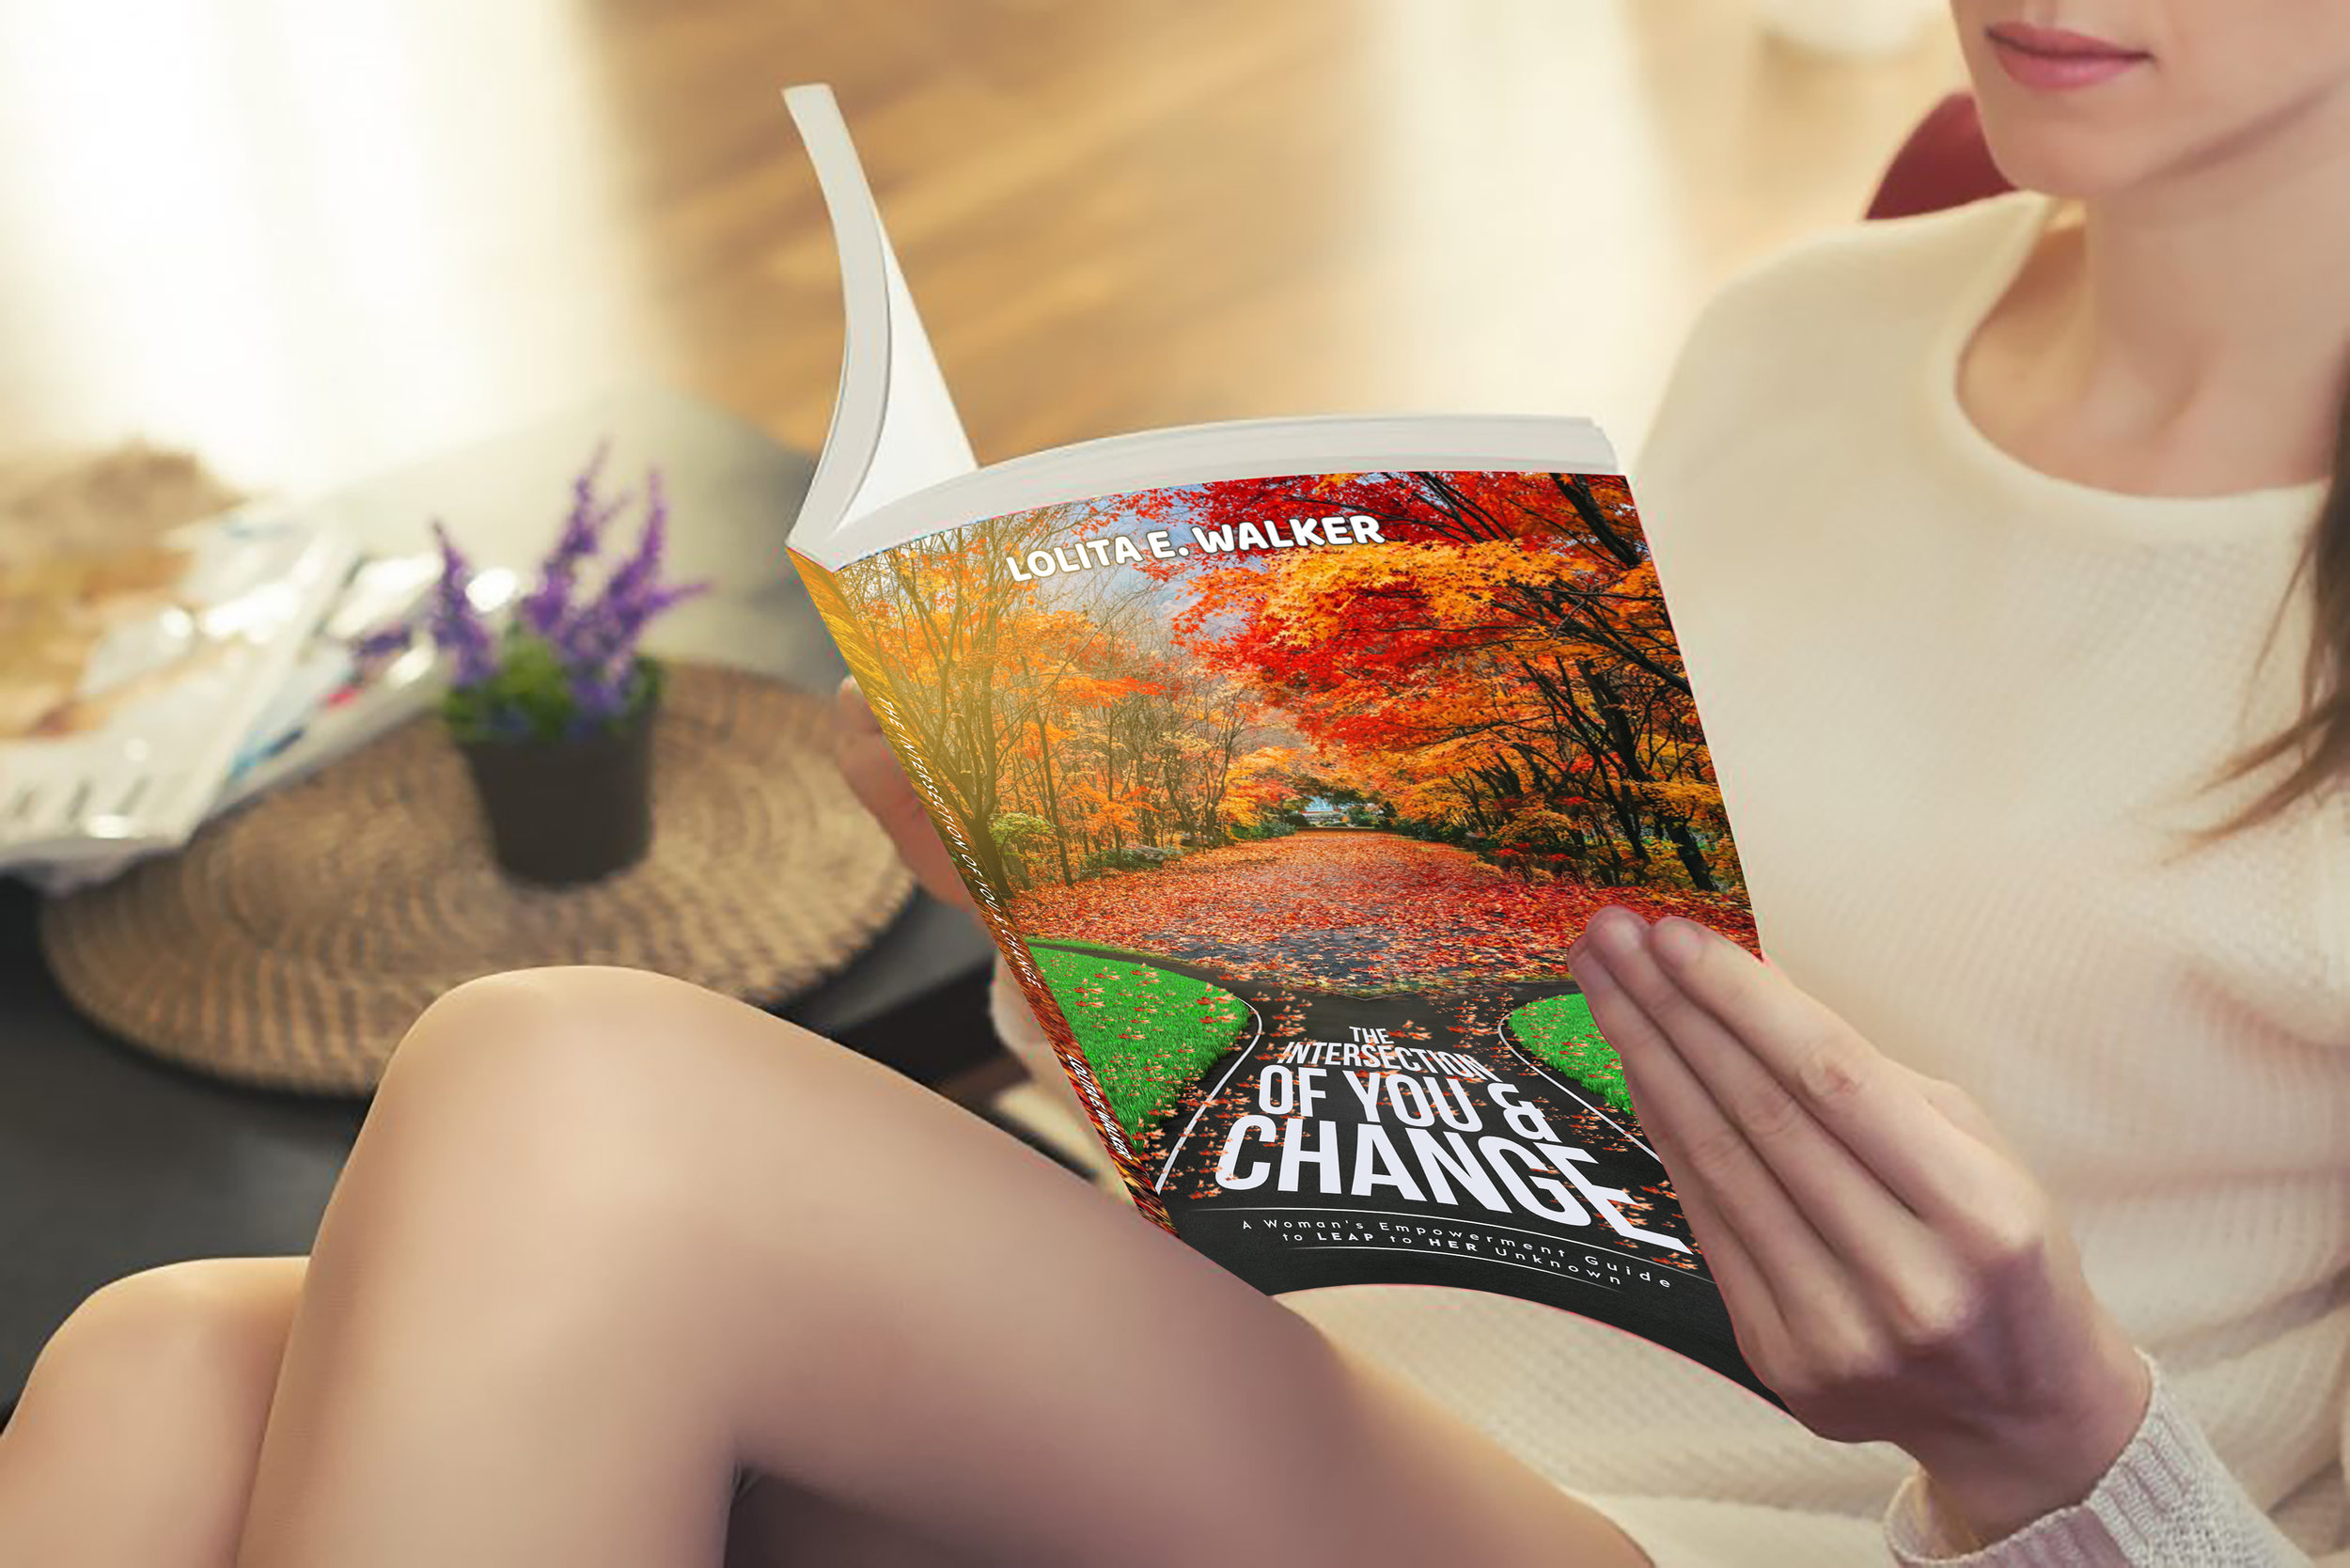 The Intersection of You & Change by Lolita E. Walker of Walker & Walker Enterprises